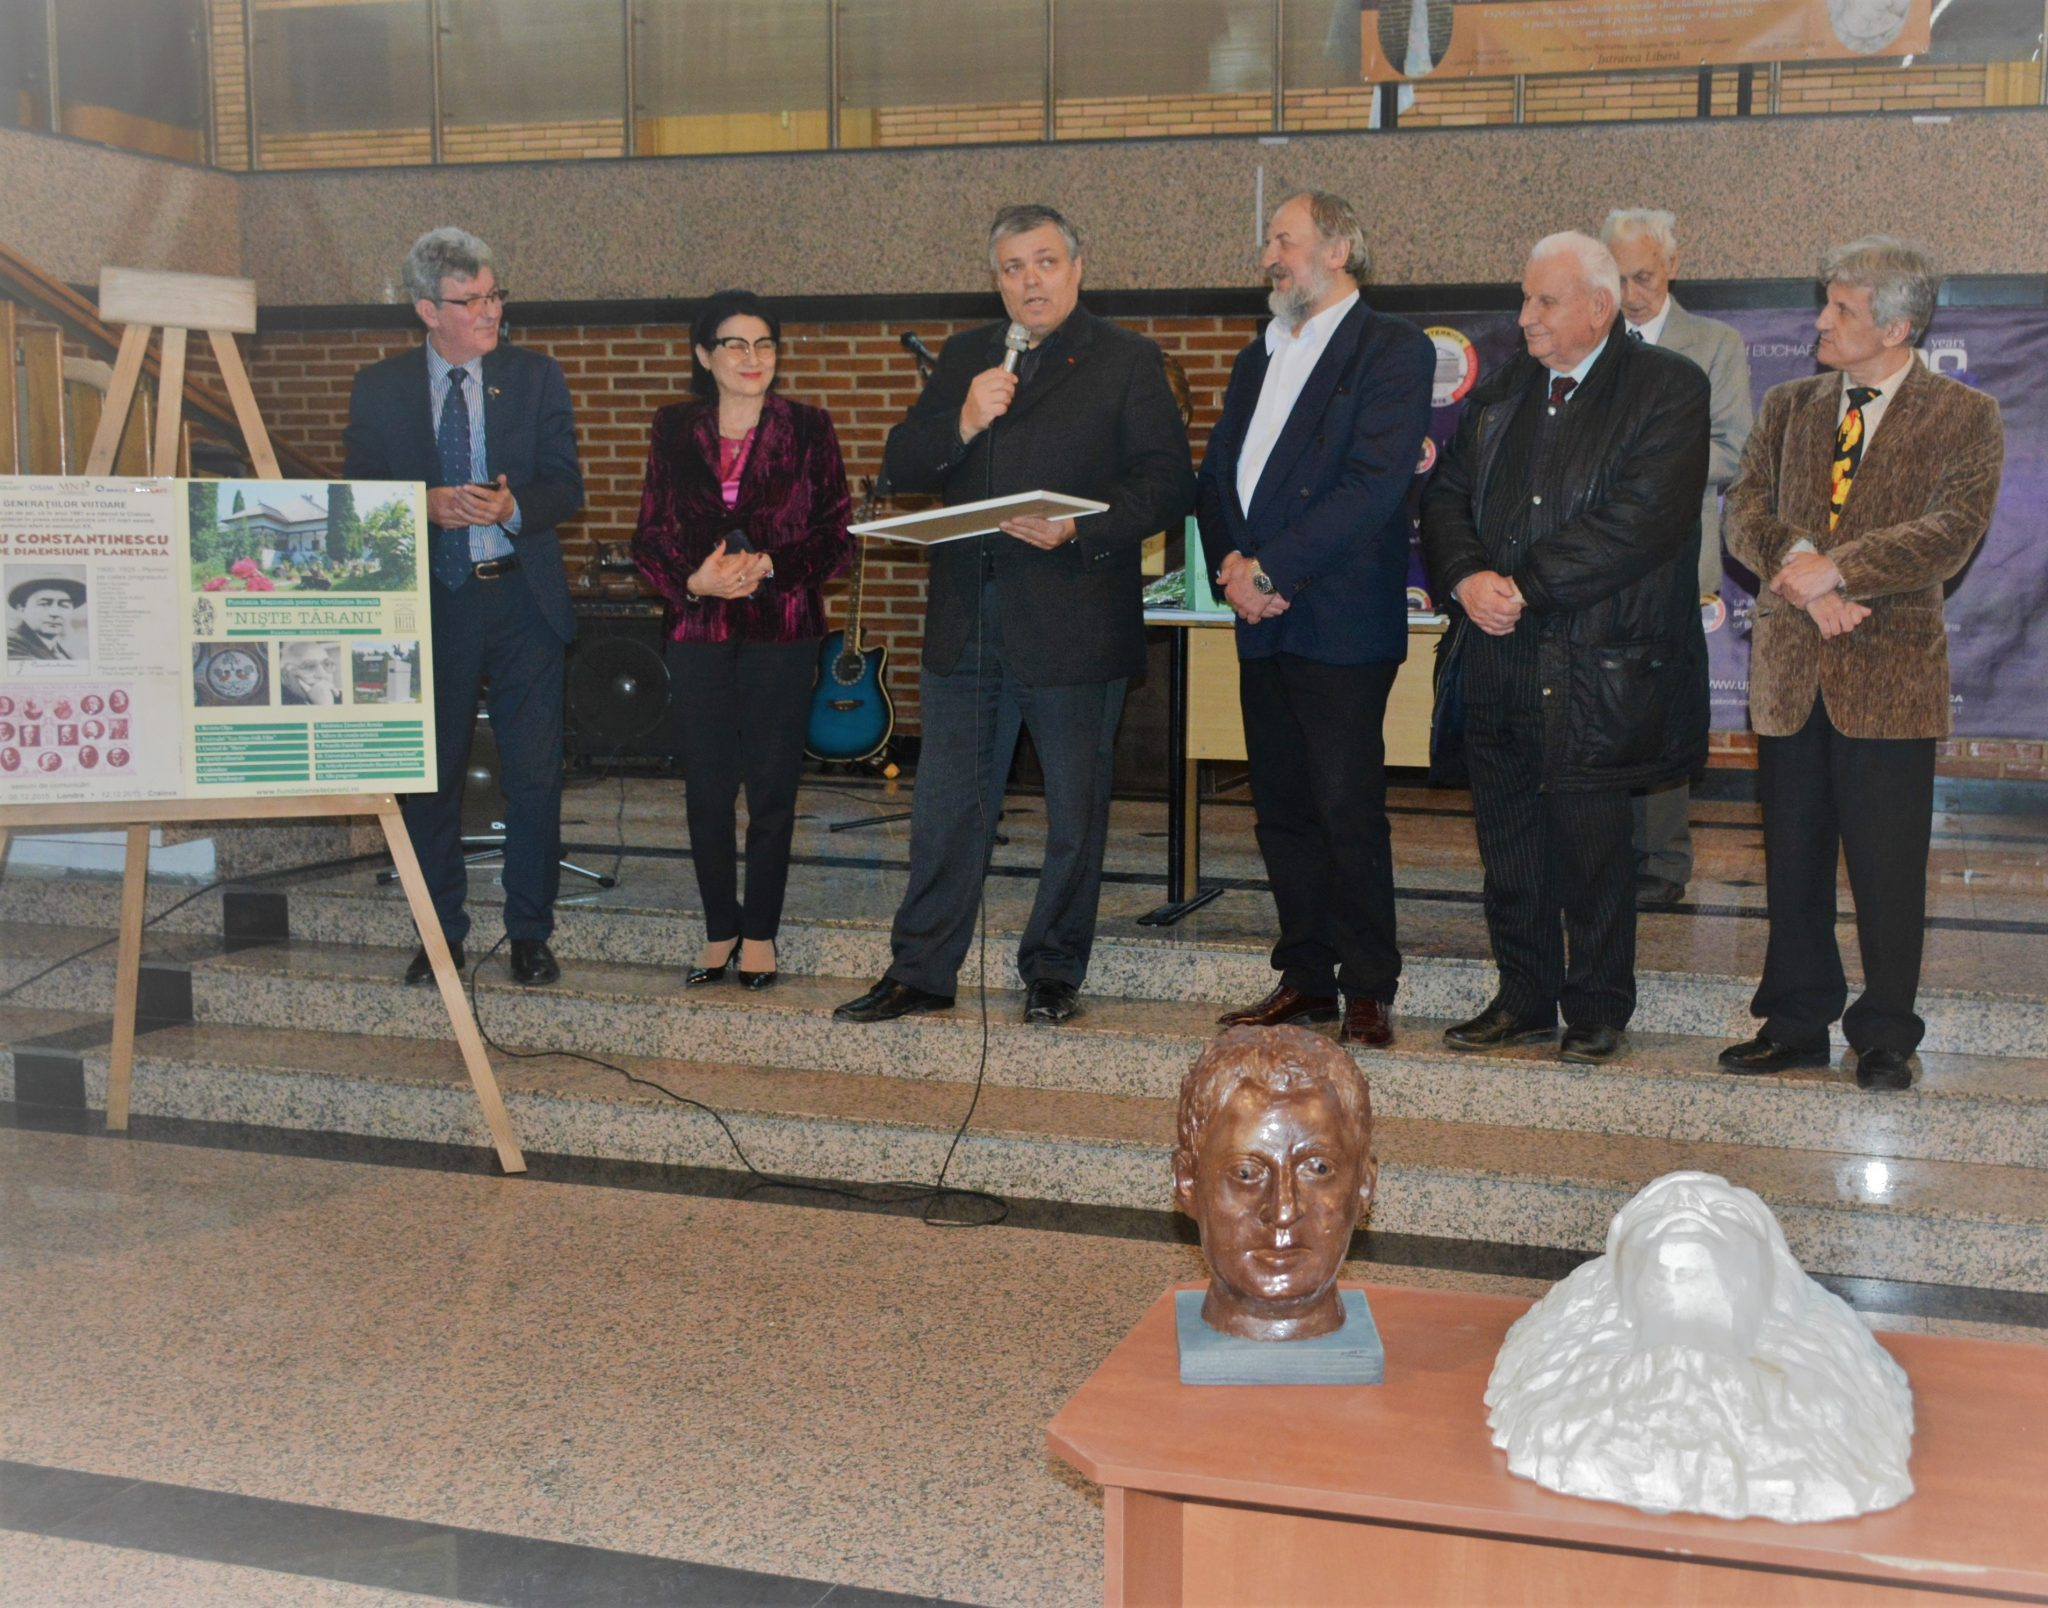 Gabriel Grigorescu, Ecaterina Andronescu, Sorin Mihăilescu, Constantin Sinescu, Constantin Cocenescu, Mihai Cătrună, Alexandru Măruță